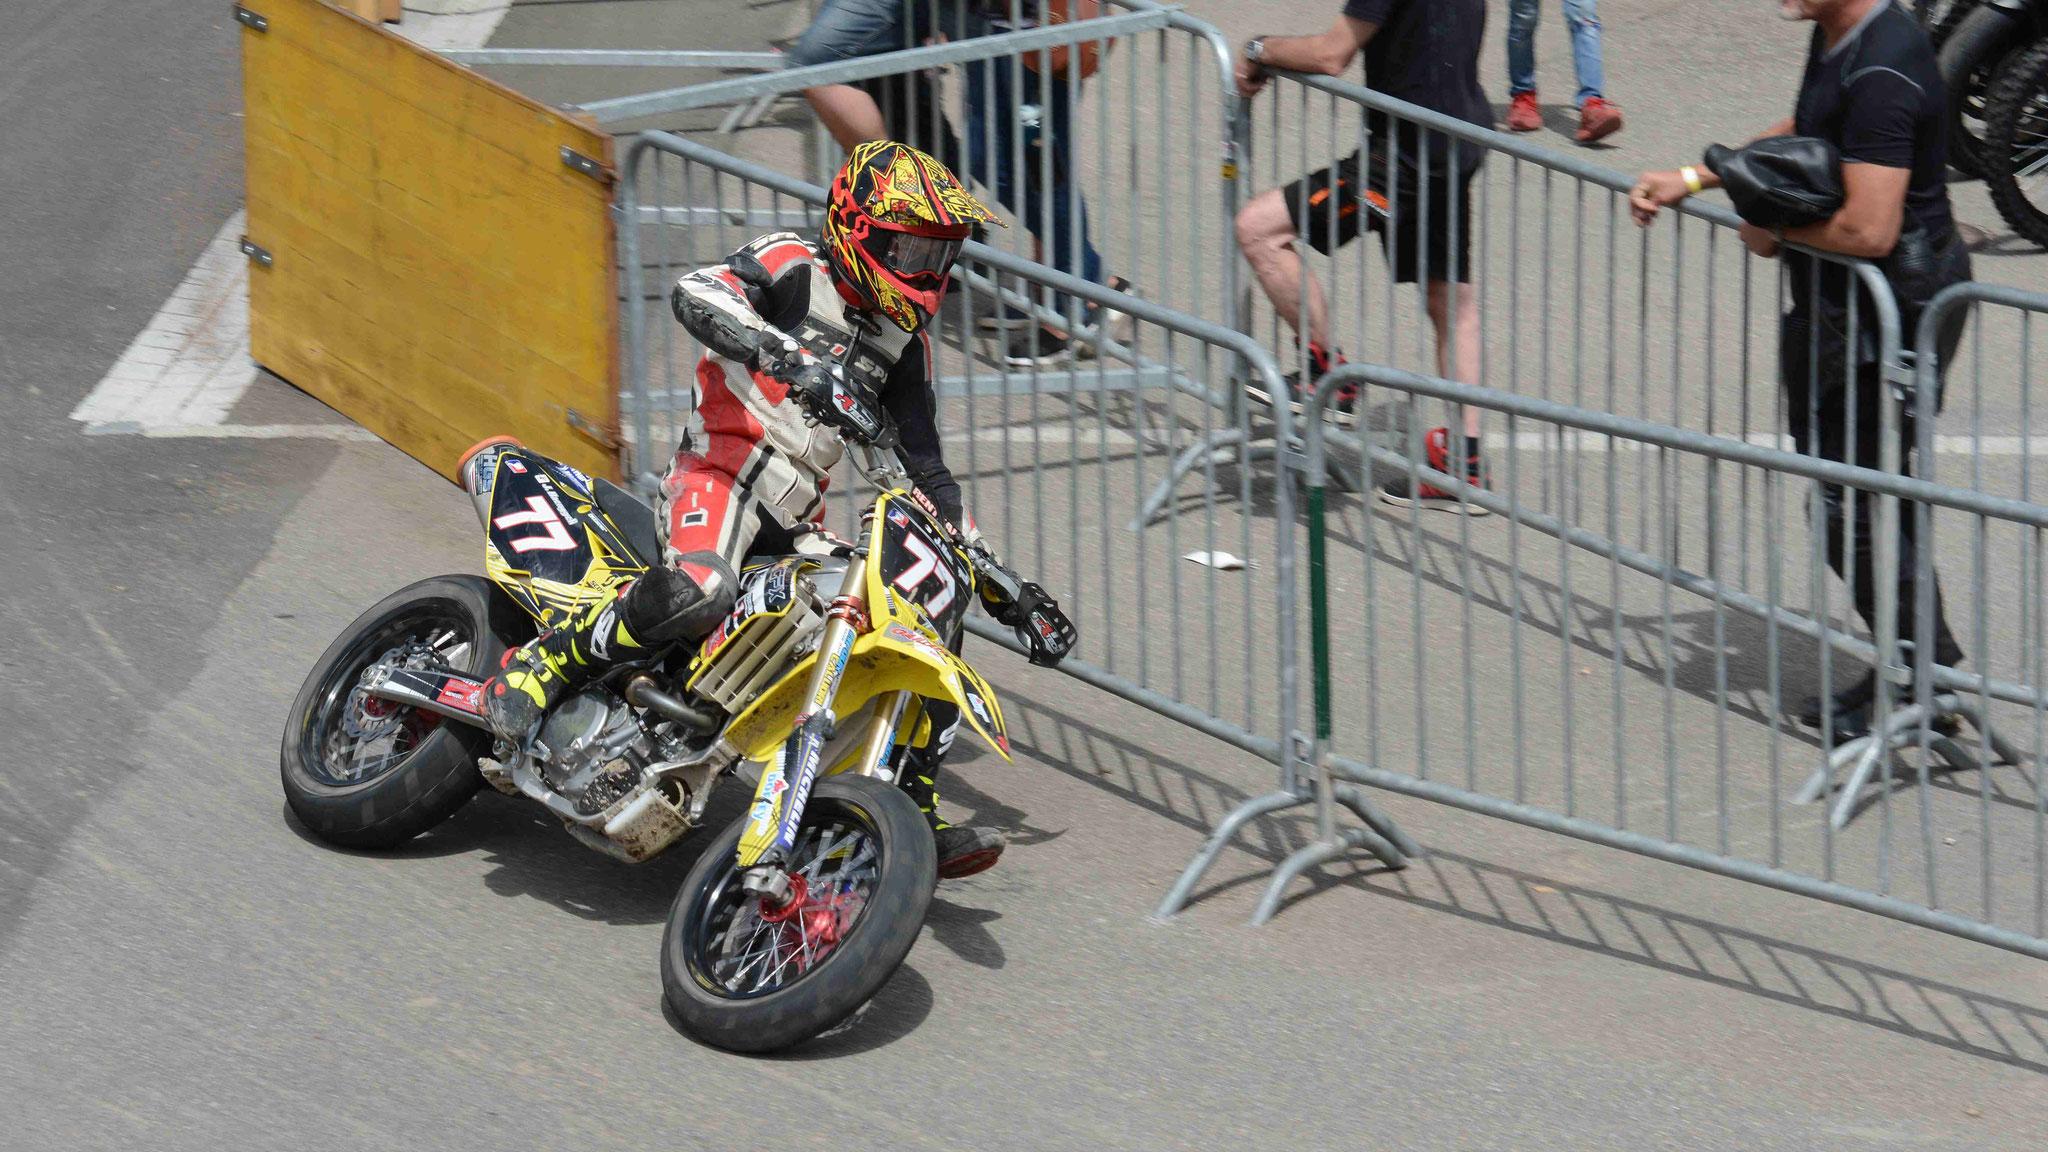 #77 Julien Haenggeli - Suzuki